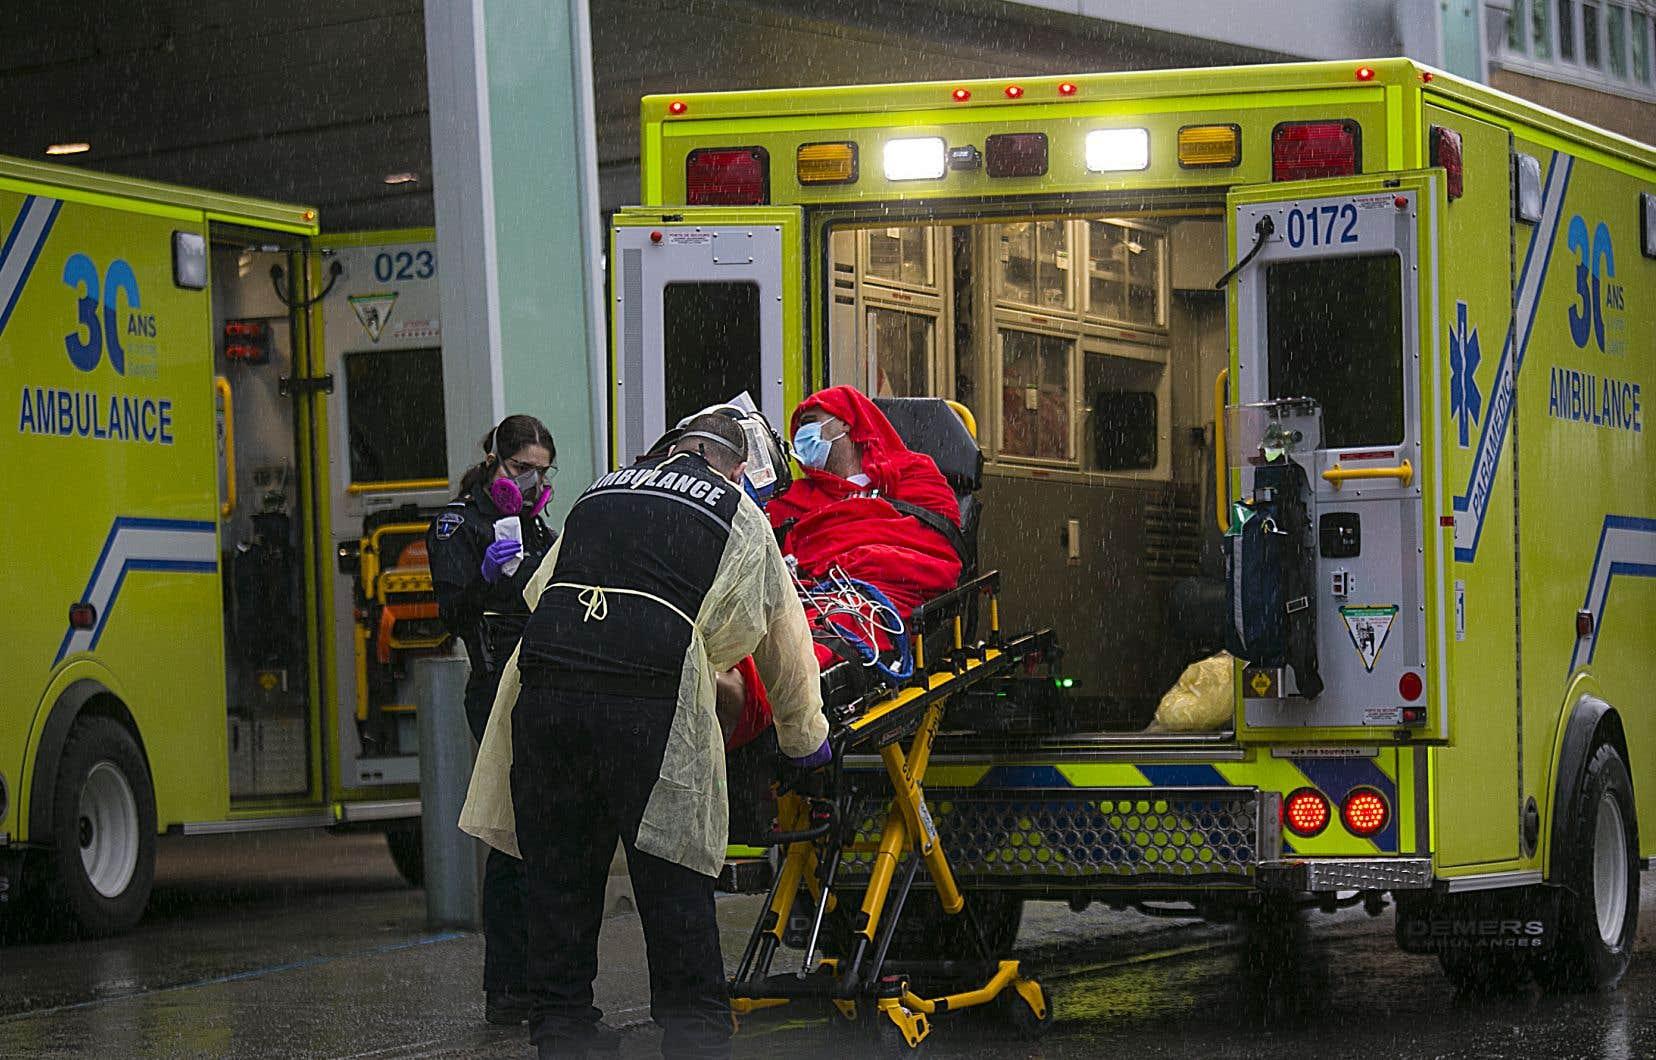 Que fera le personnel de la santé si le matériel de protection vient à manquer? Des directives laissent croire que des patients seraient abandonnés à leur sort.